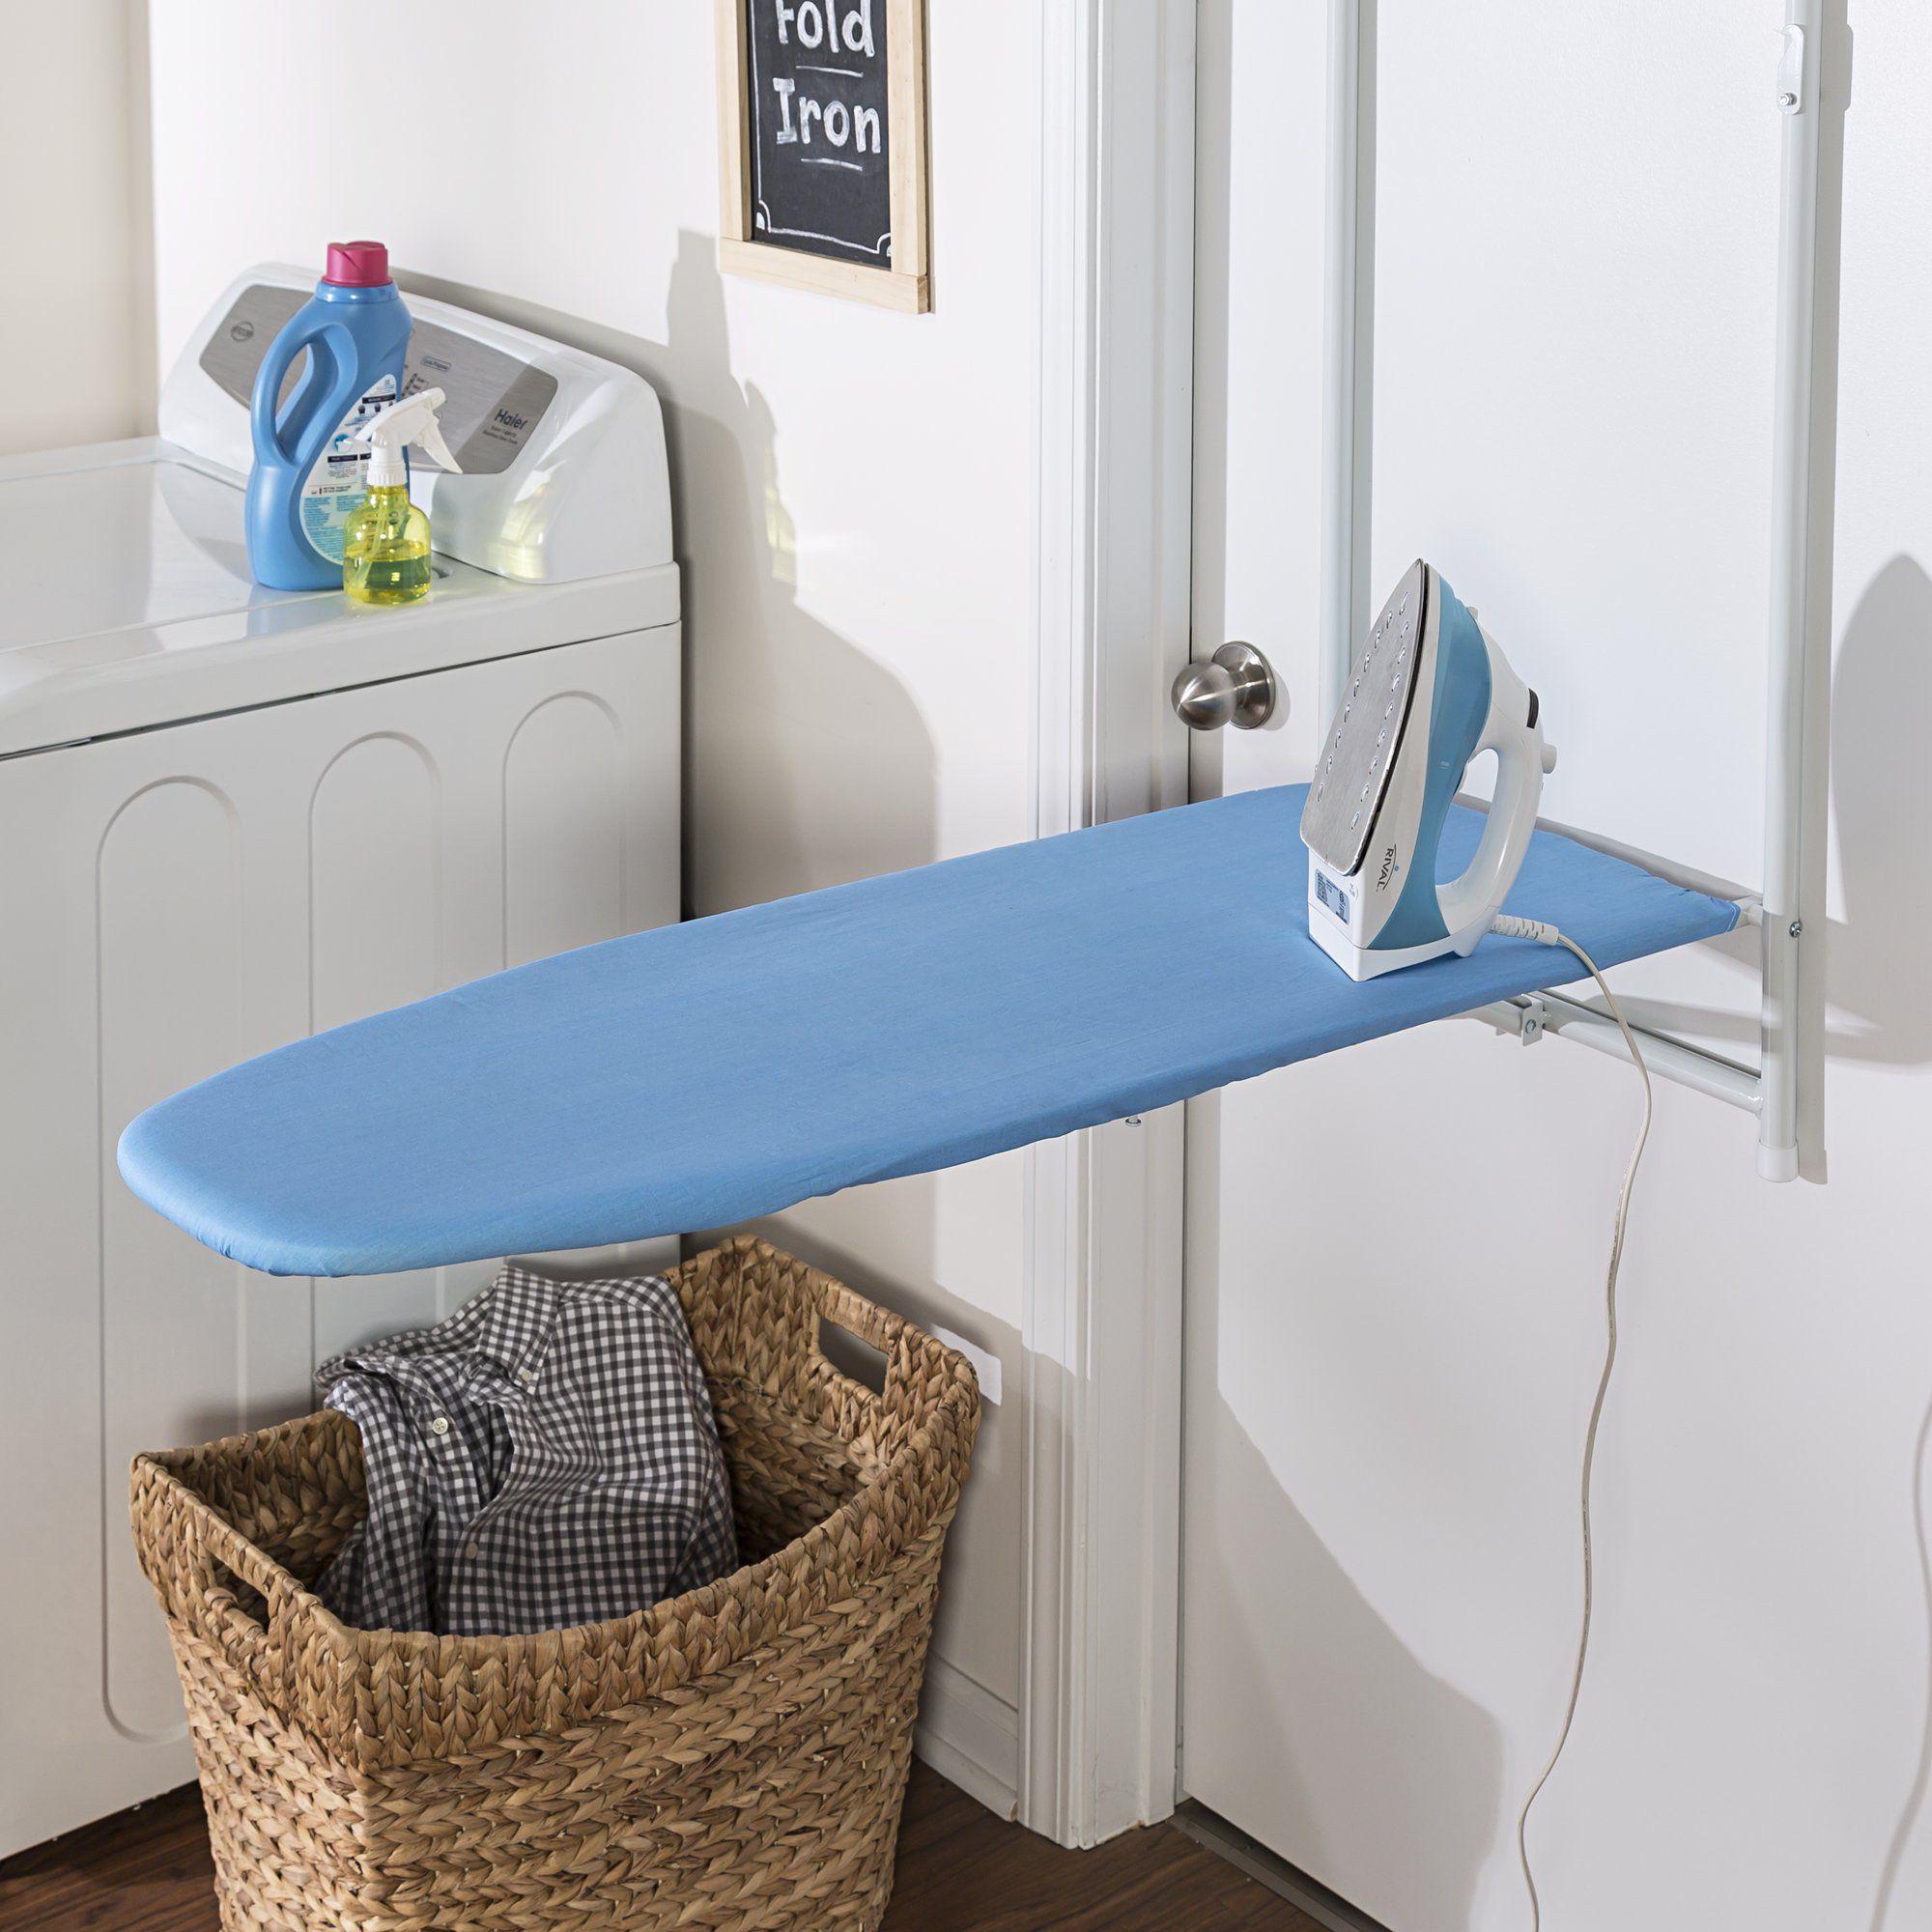 Honey Can Do Over The Door Rust Resistant Ironing Board Blue Walmart Com Door Ironing Board Hanging Ironing Board Door Hanging Ironing Board